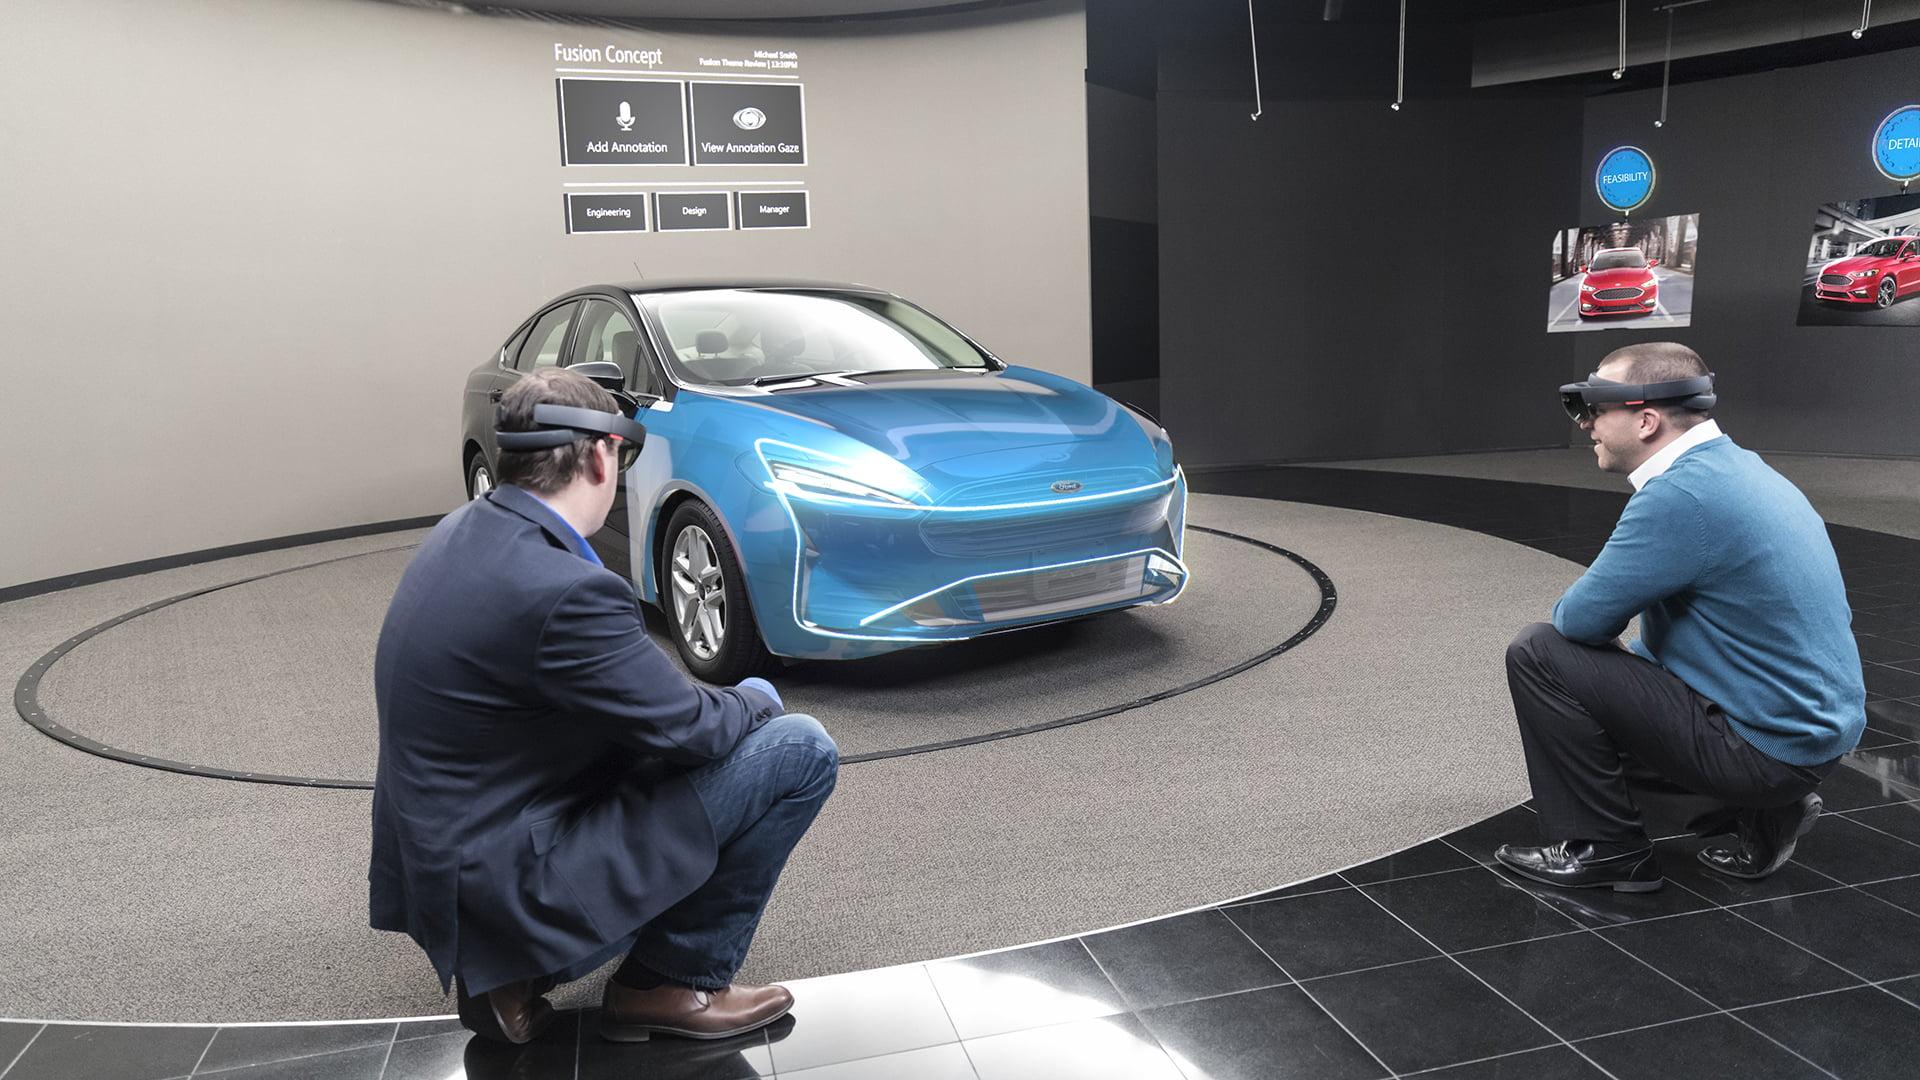 Ford będzie używać HoloLens podczas projektowania samochodów 26